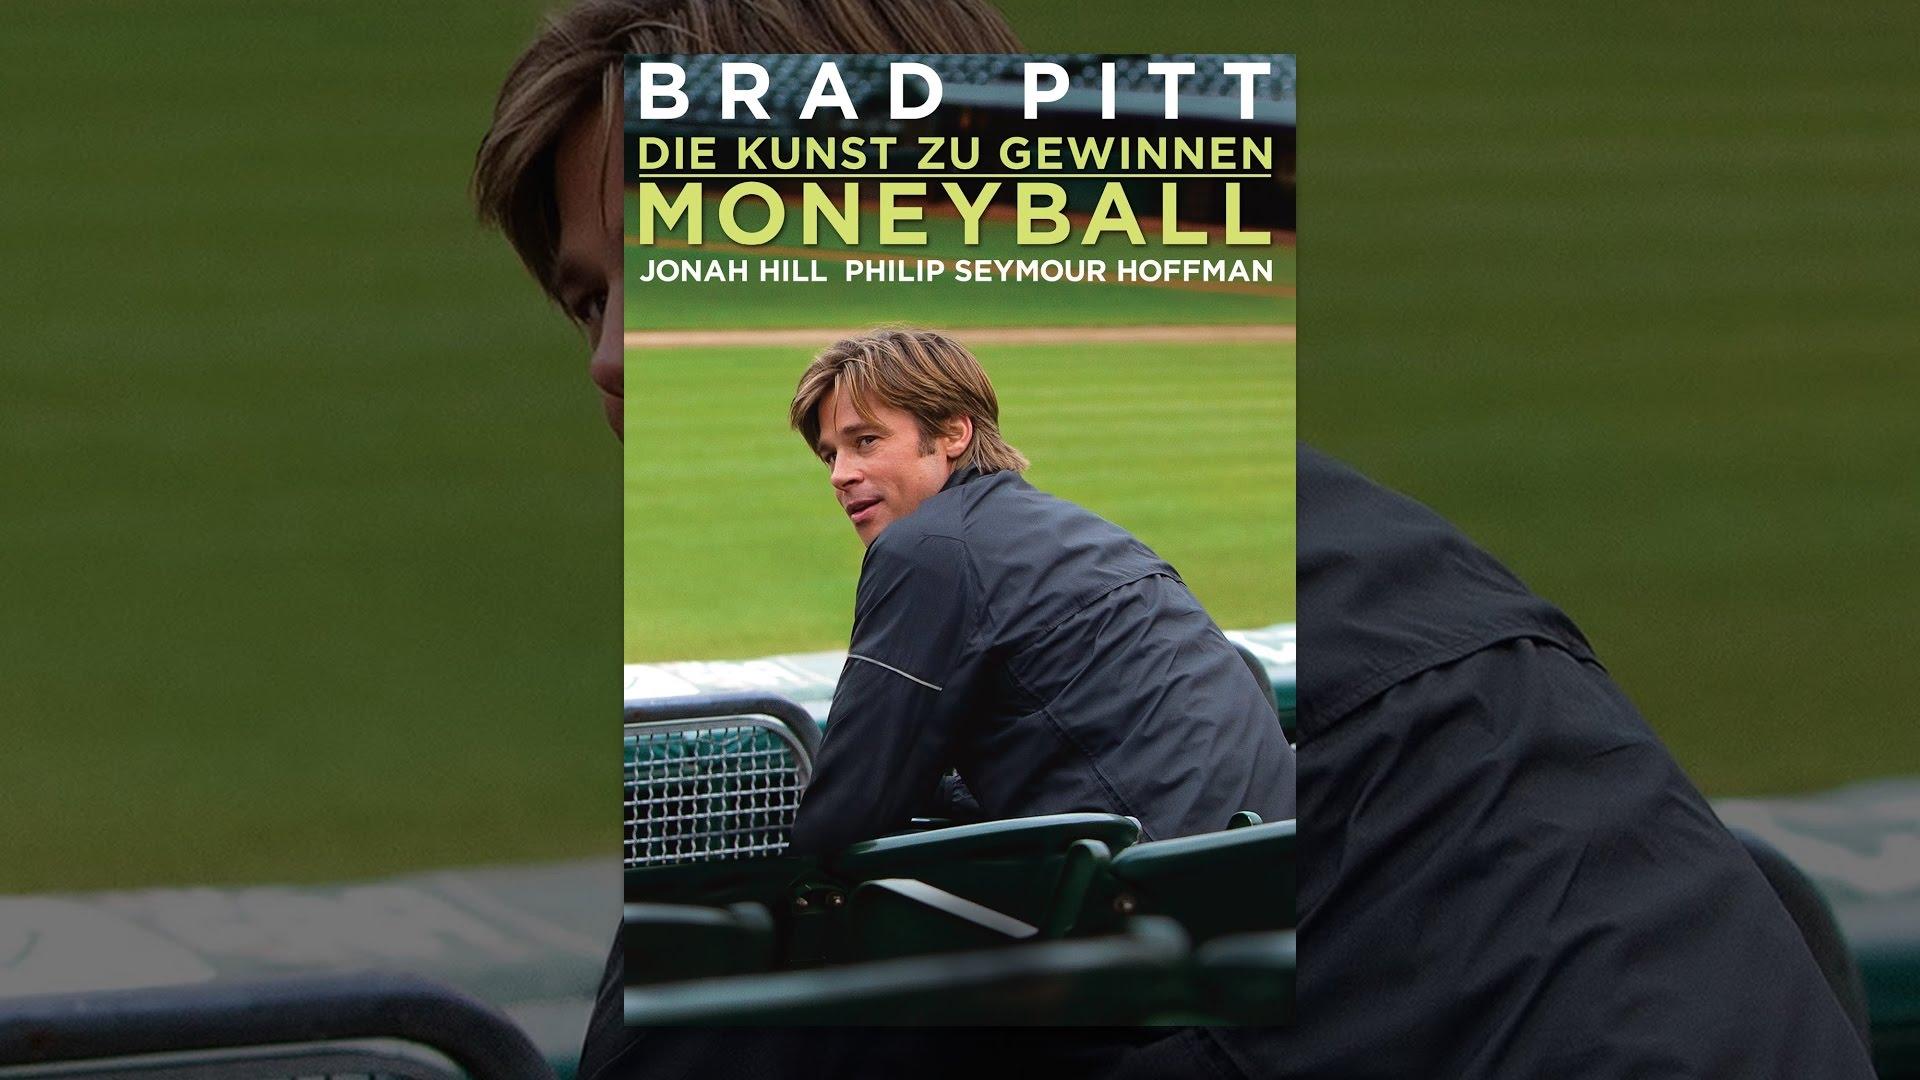 Die Kunst Zu Gewinnen – Moneyball